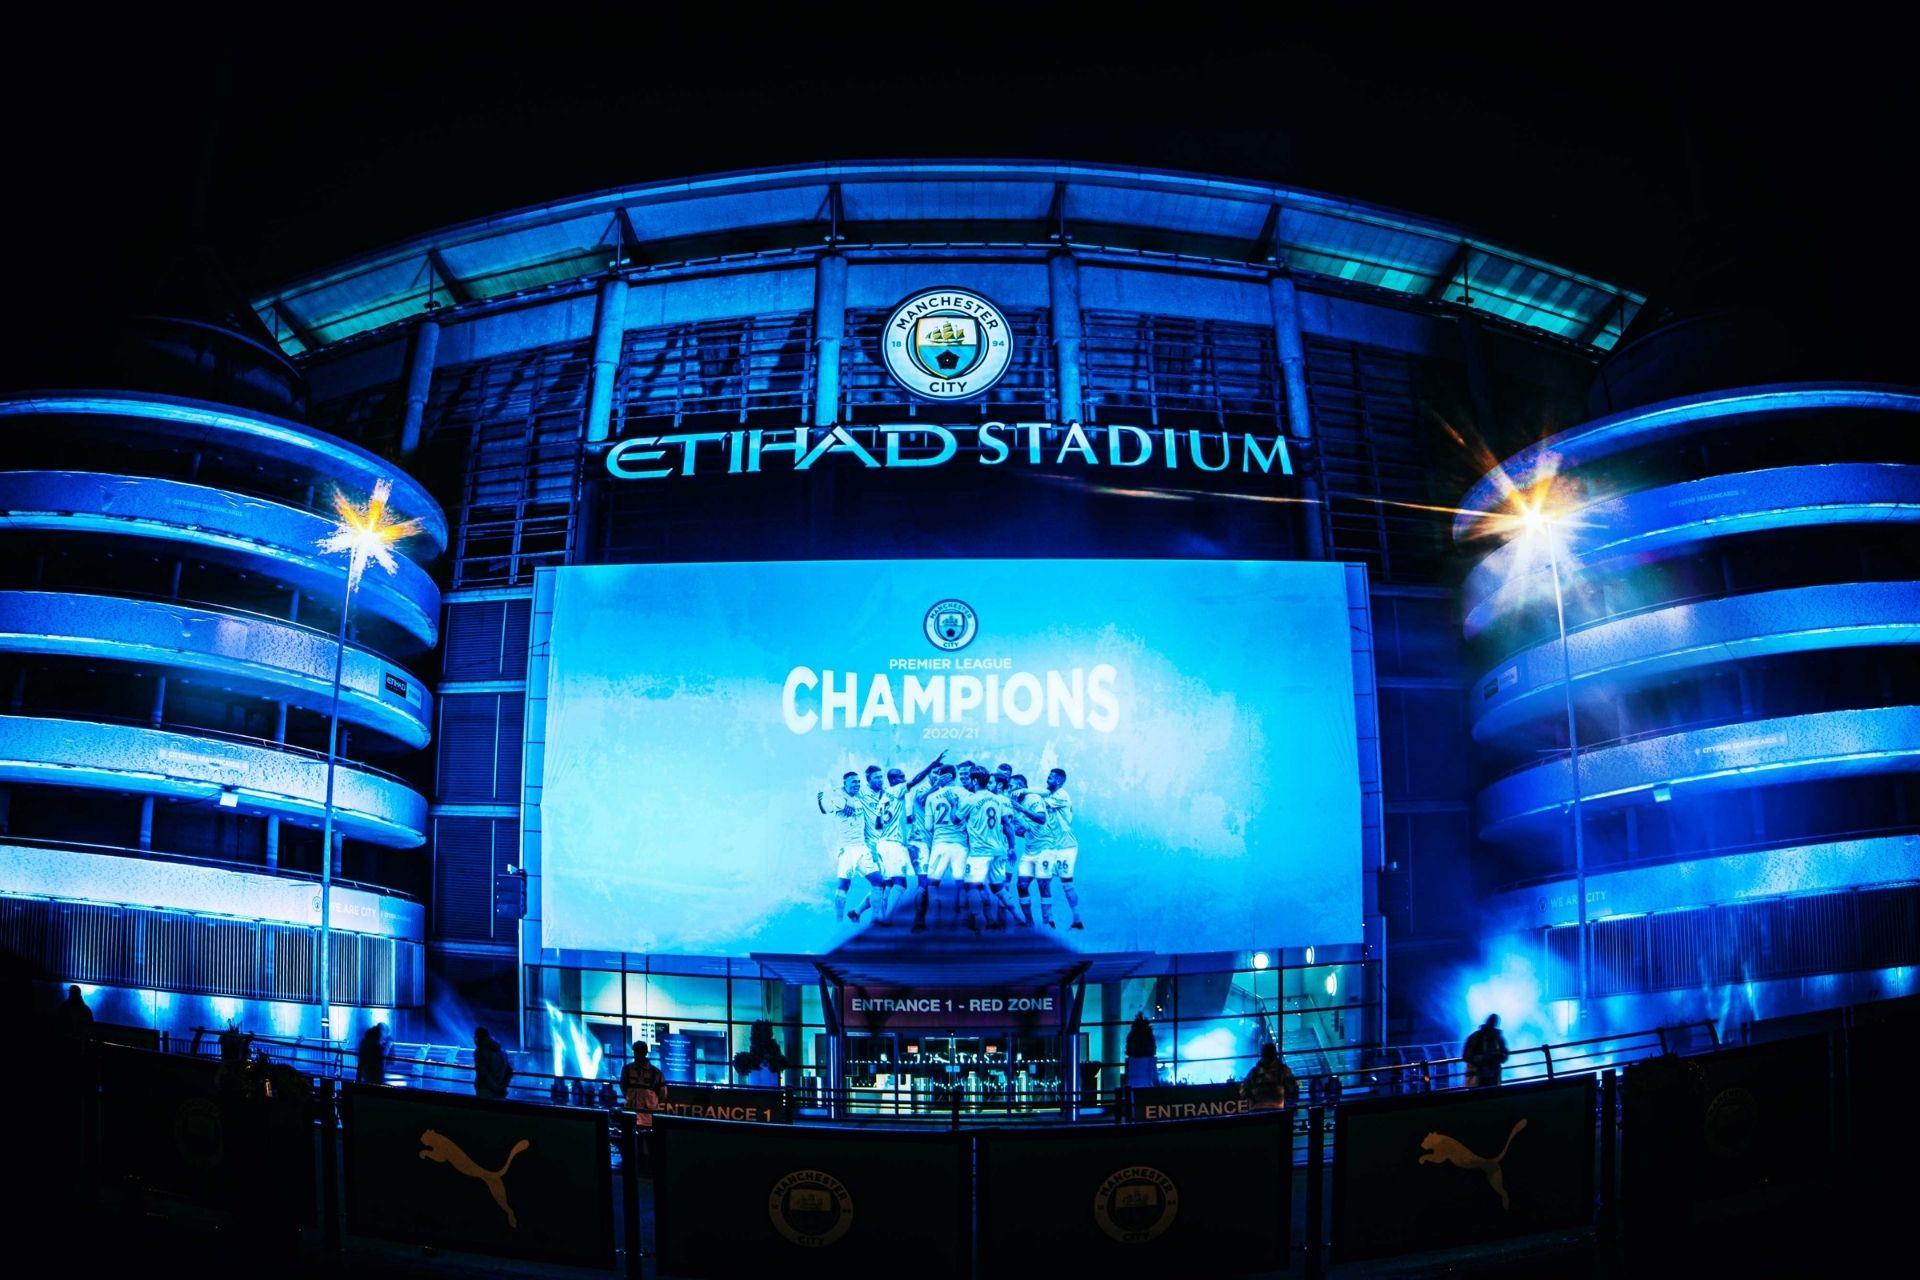 Equipo de fútbol inglés Manchester City lanzará colección de NFT para celebrar el título de la Premier League